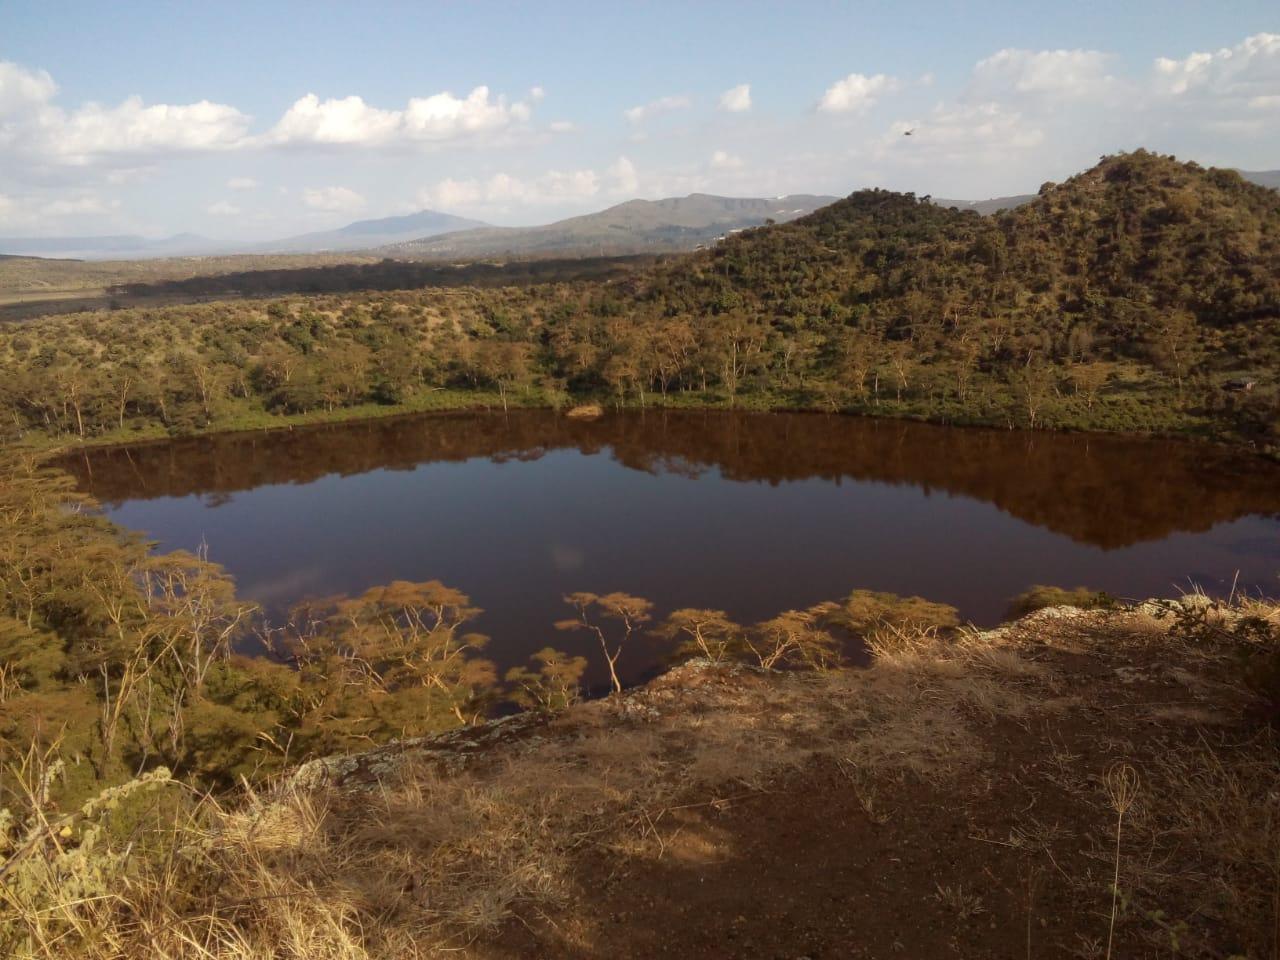 טיול בקניה - תמונות